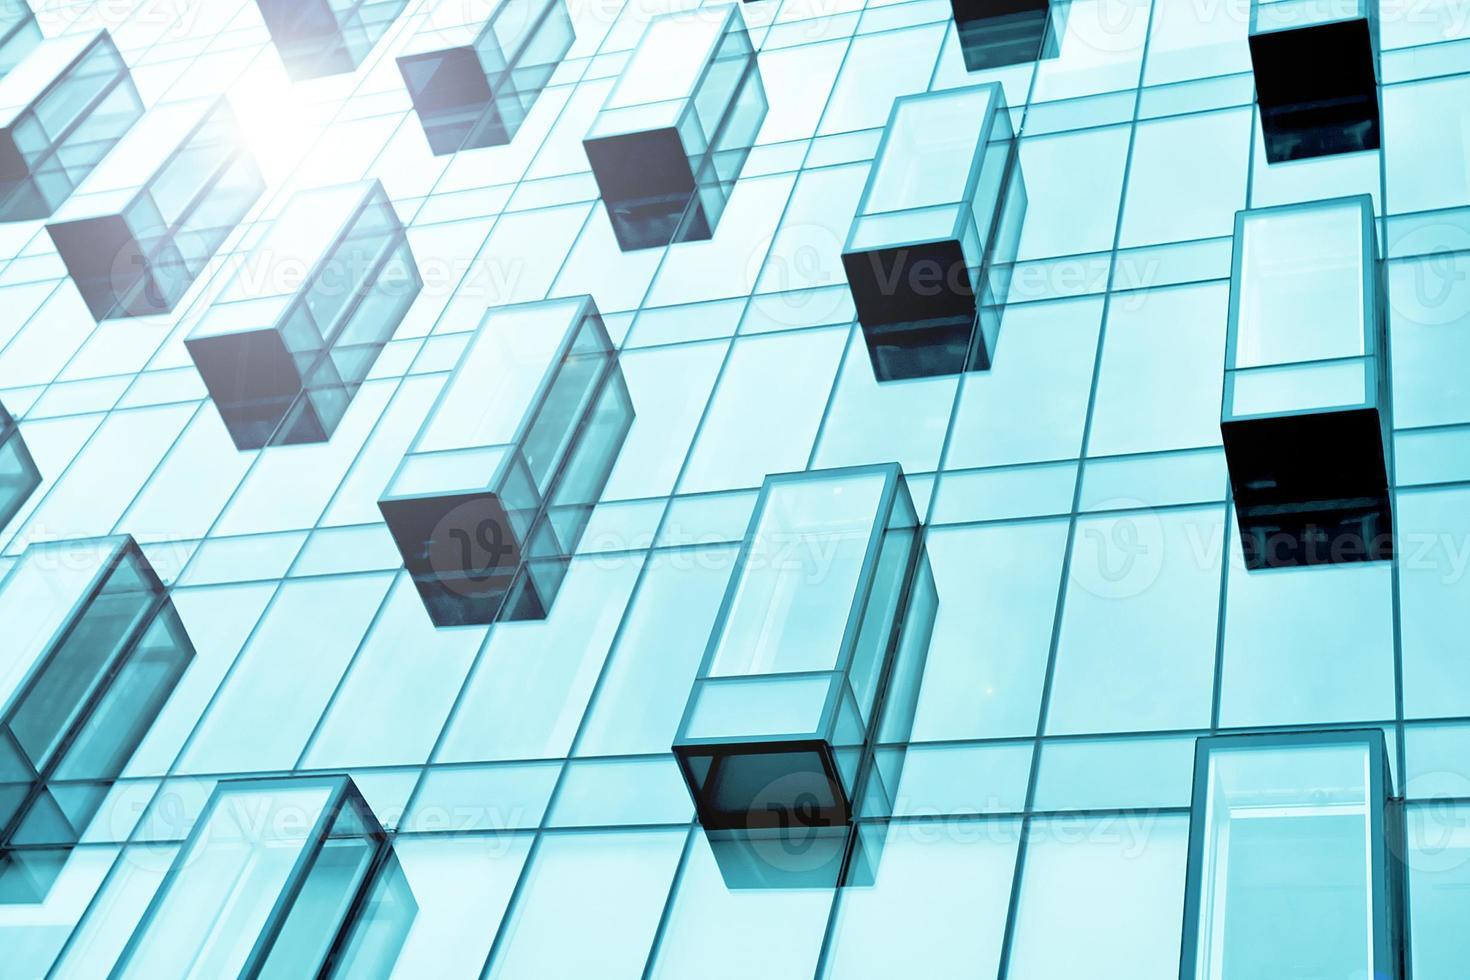 balconi di vetro blu di edificio aziendale foto